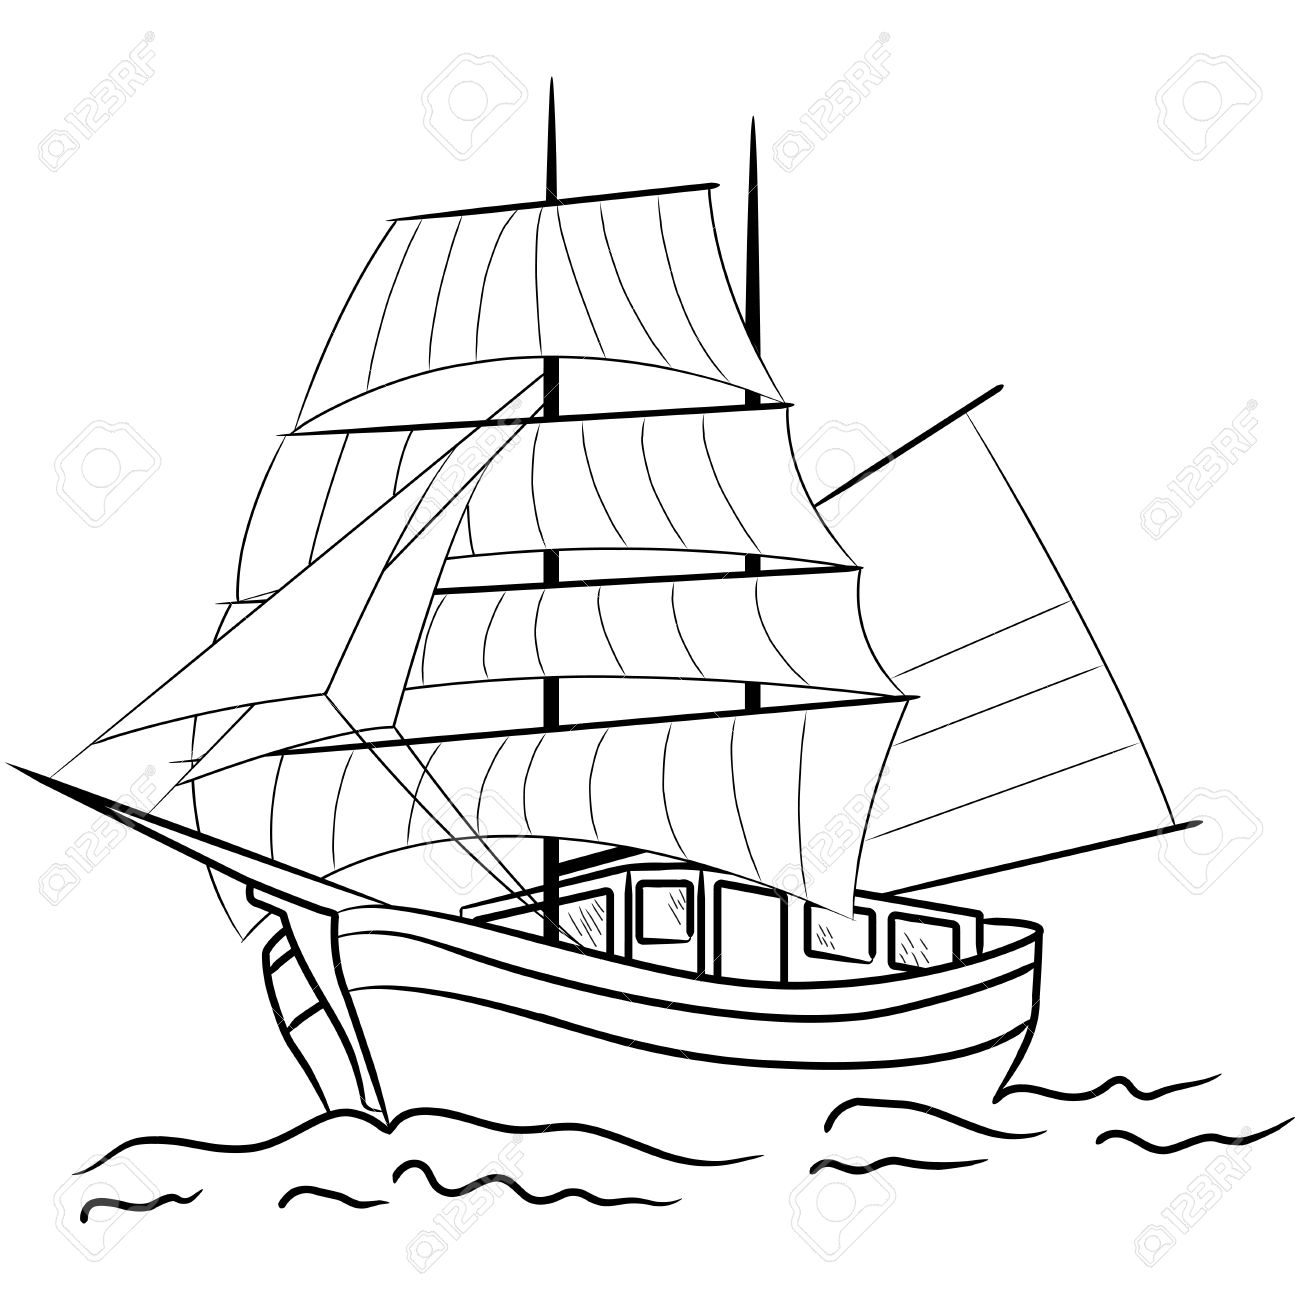 1300x1300 Sailboat Drawing Sketch Drawn Boat Nautical Ship